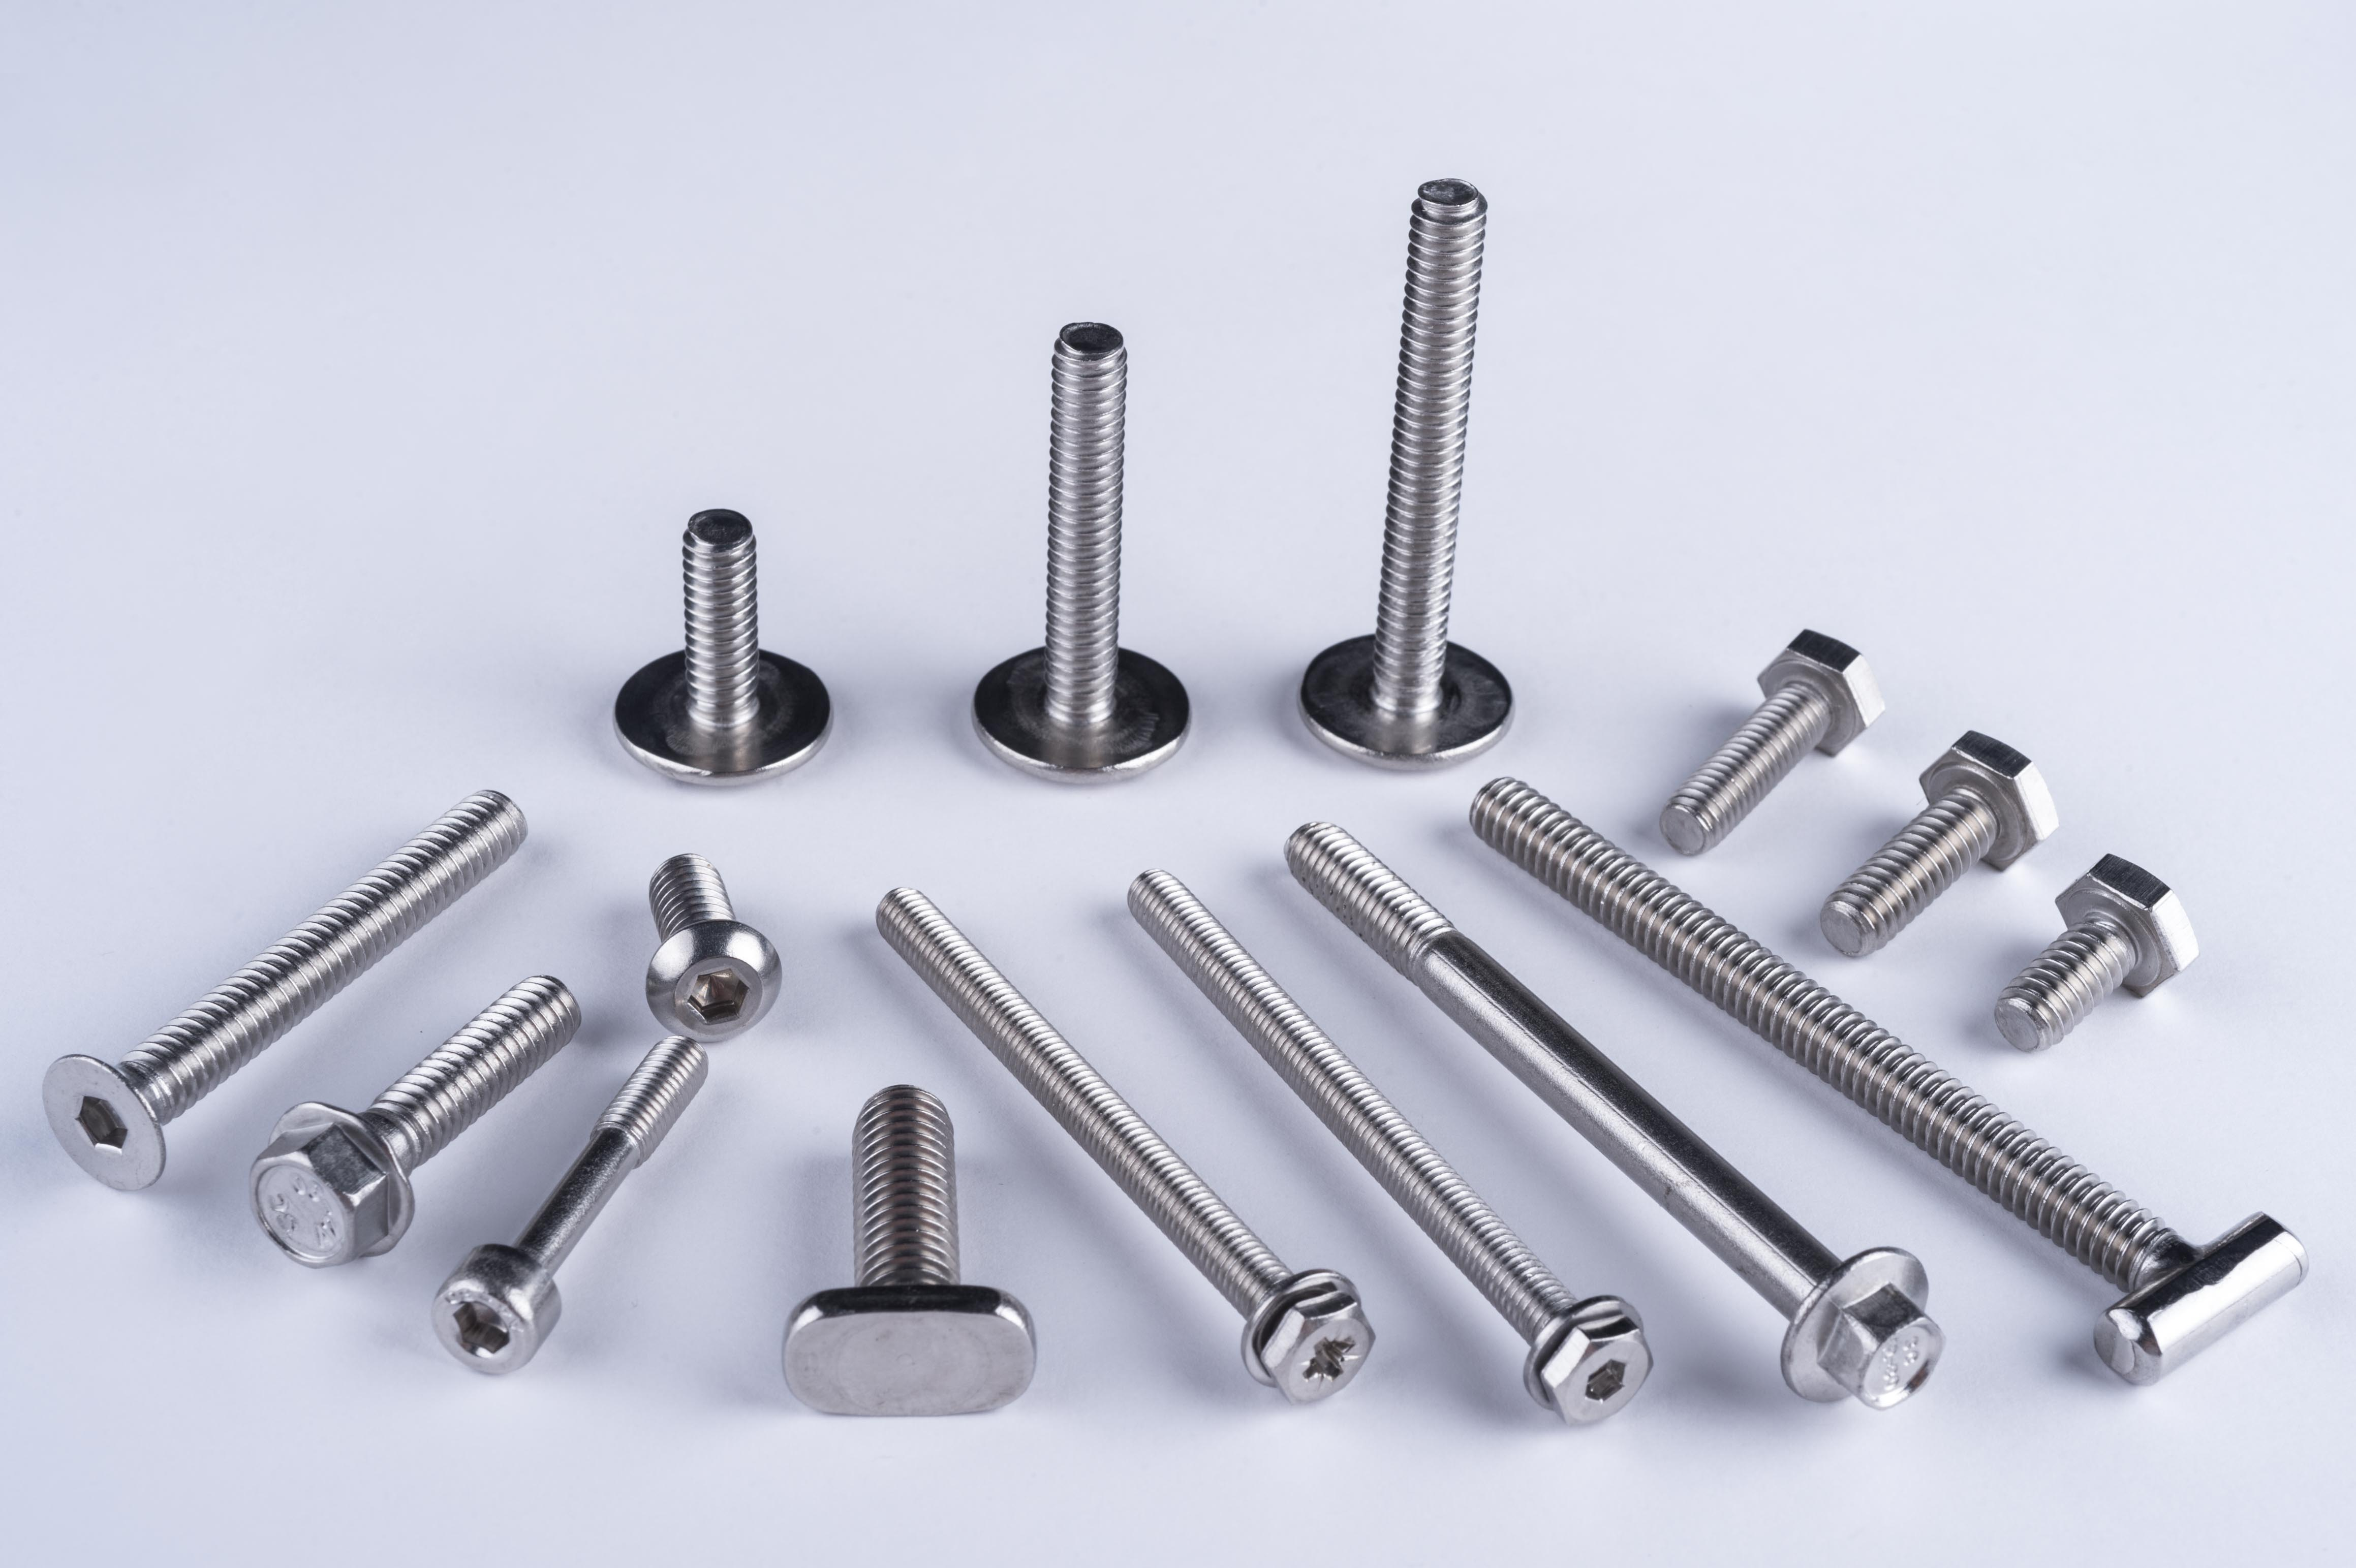 Hex head, Hex washer head, countersunk, round head, pan head machine screws.